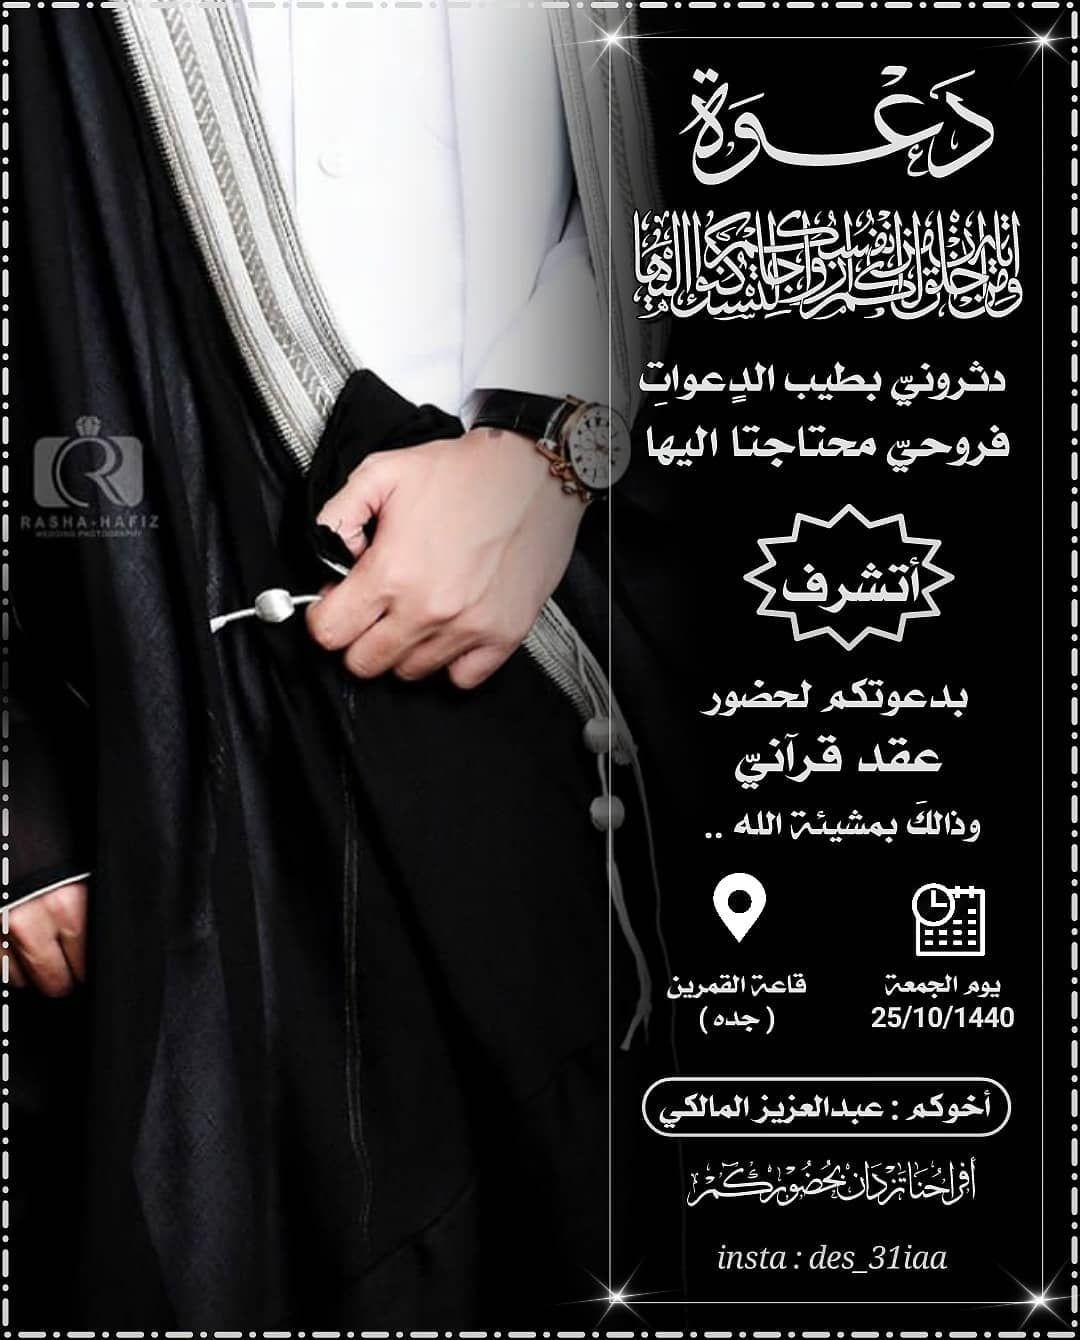 علياء للتصاميم On Instagram تصميمي دعوة دعوة زفاف دعوة زواج دعوة عرس Wedding Invitation Background Arab Wedding Wedding Frames